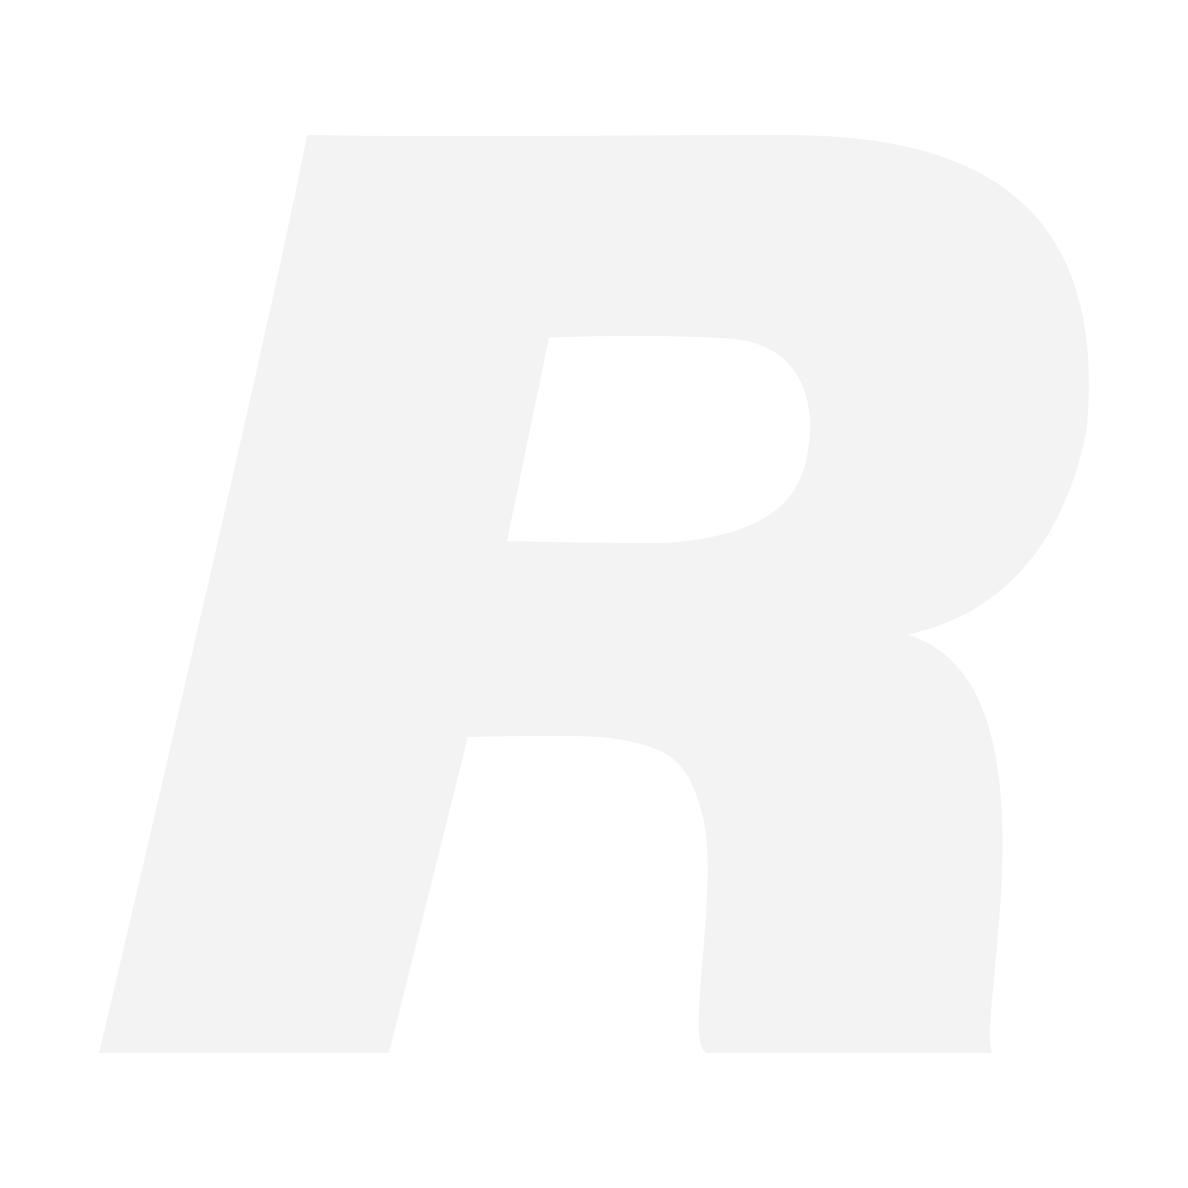 Köp Sony A7R Mark III, byt in din gamla Canon EOS 5D Mark III